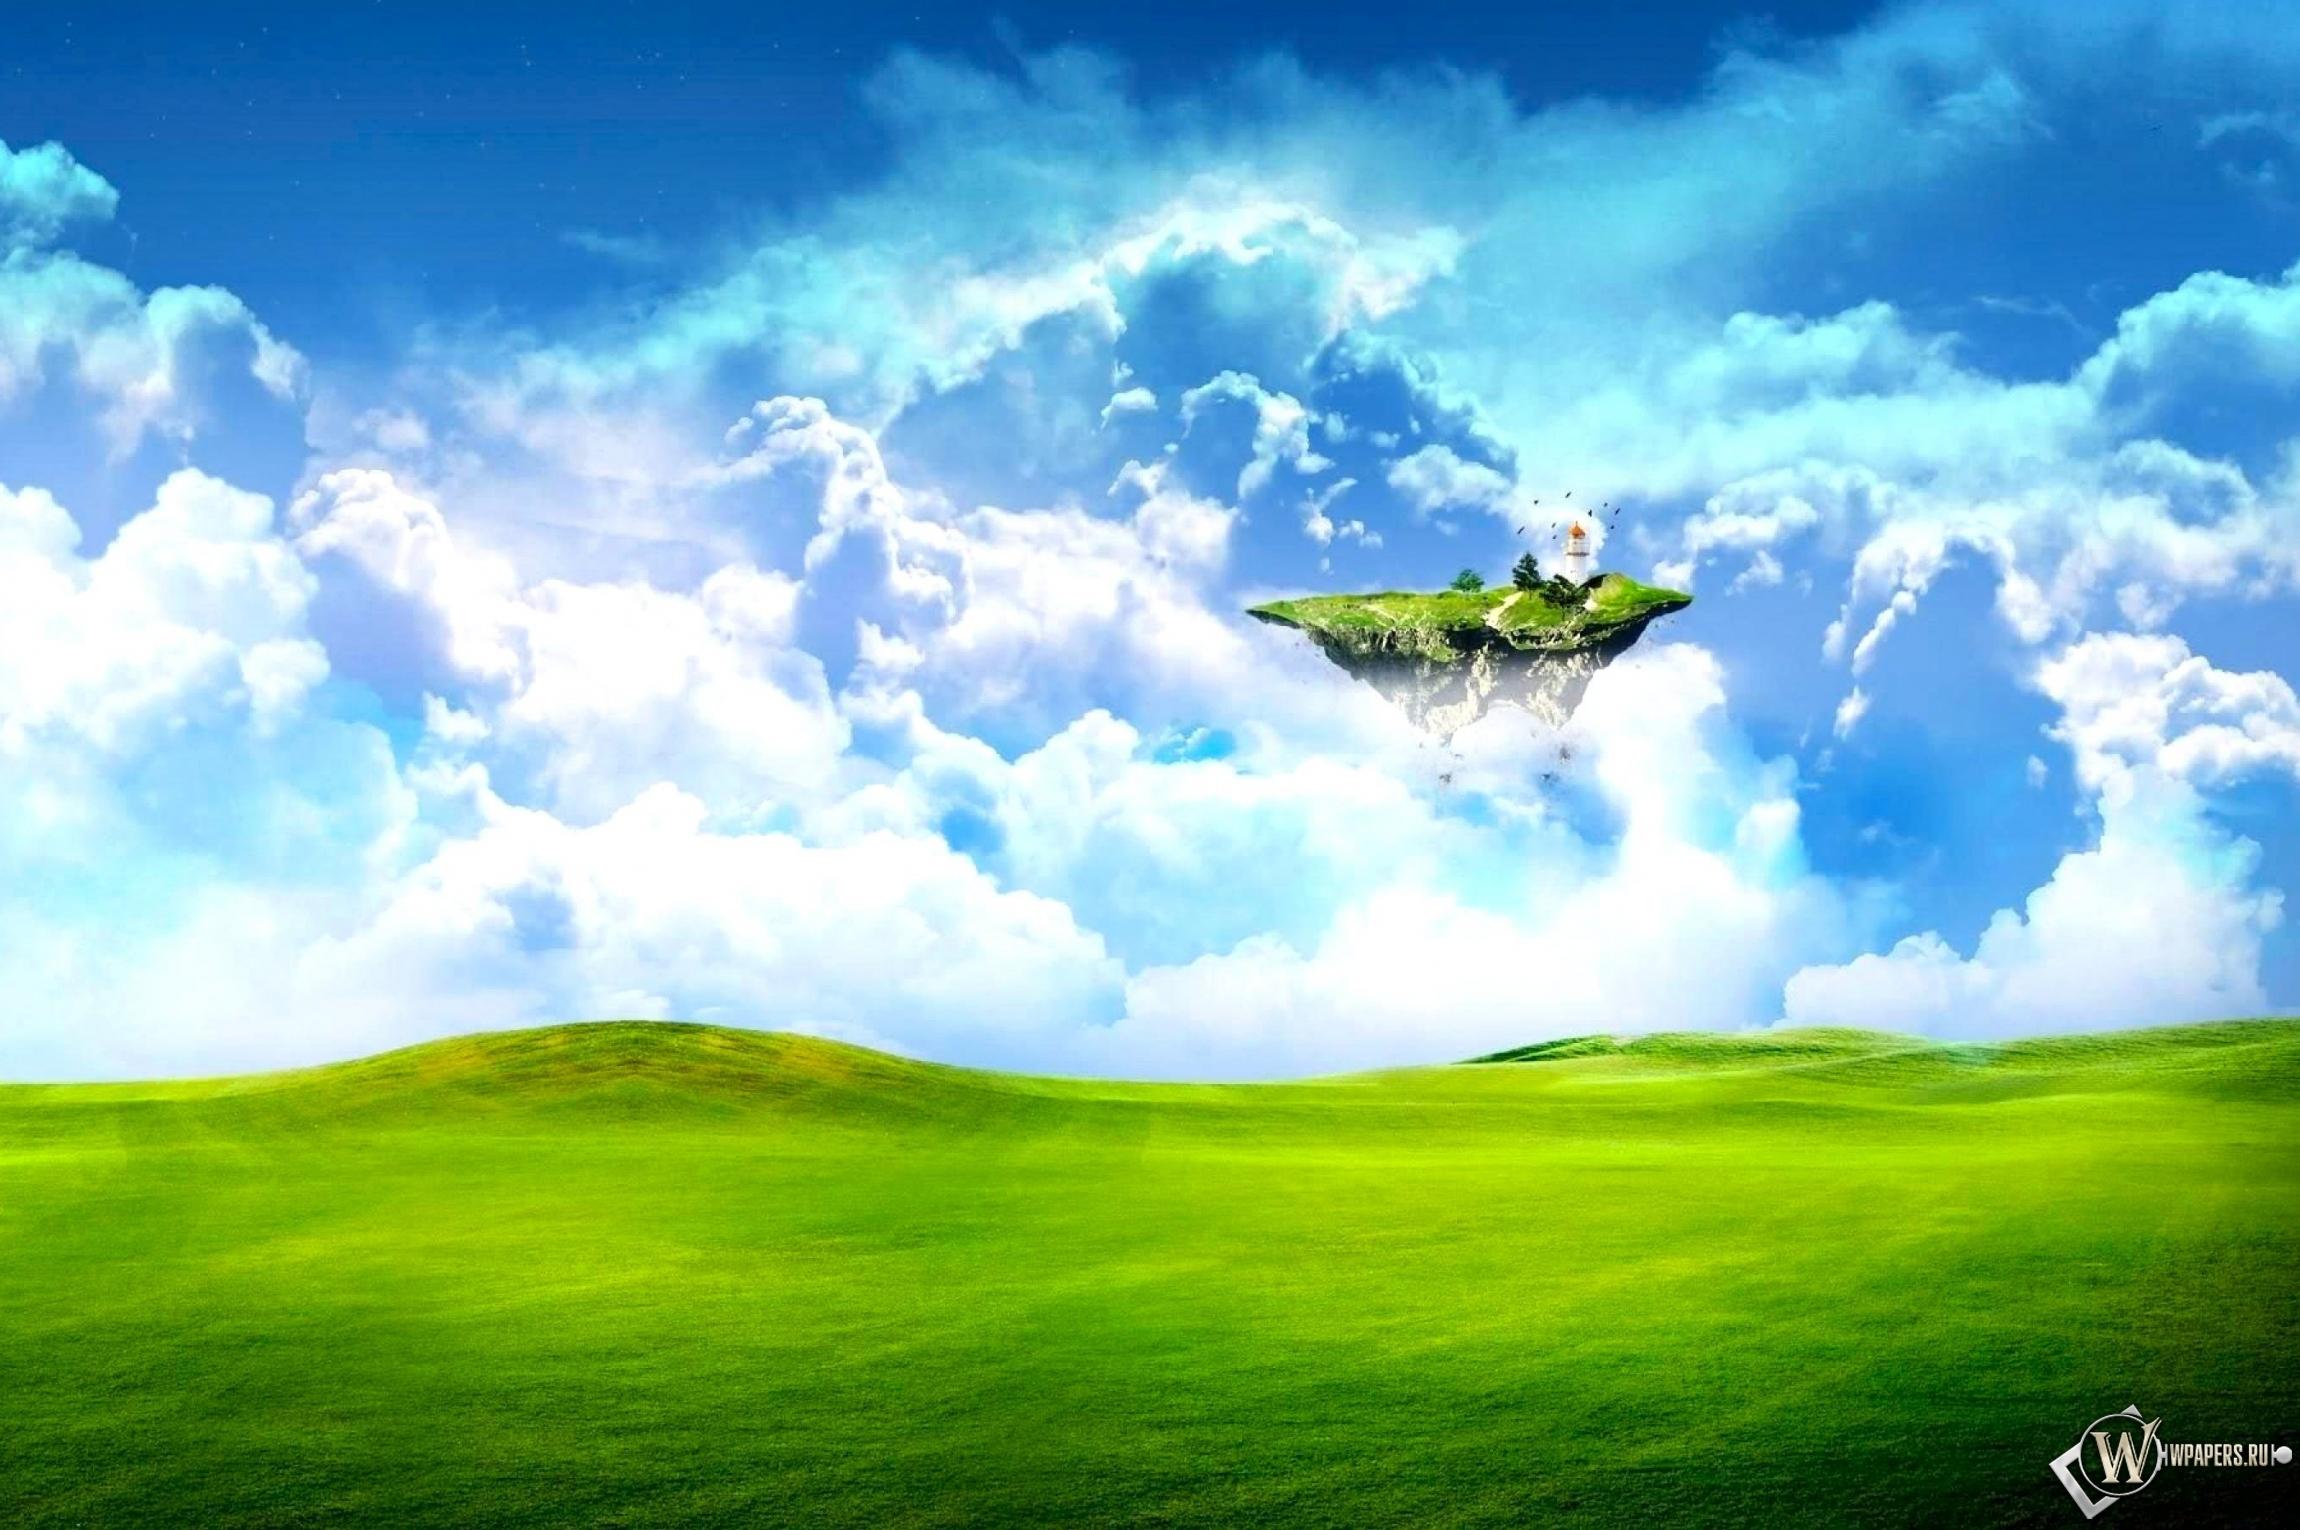 Летающий островок 2300x1530